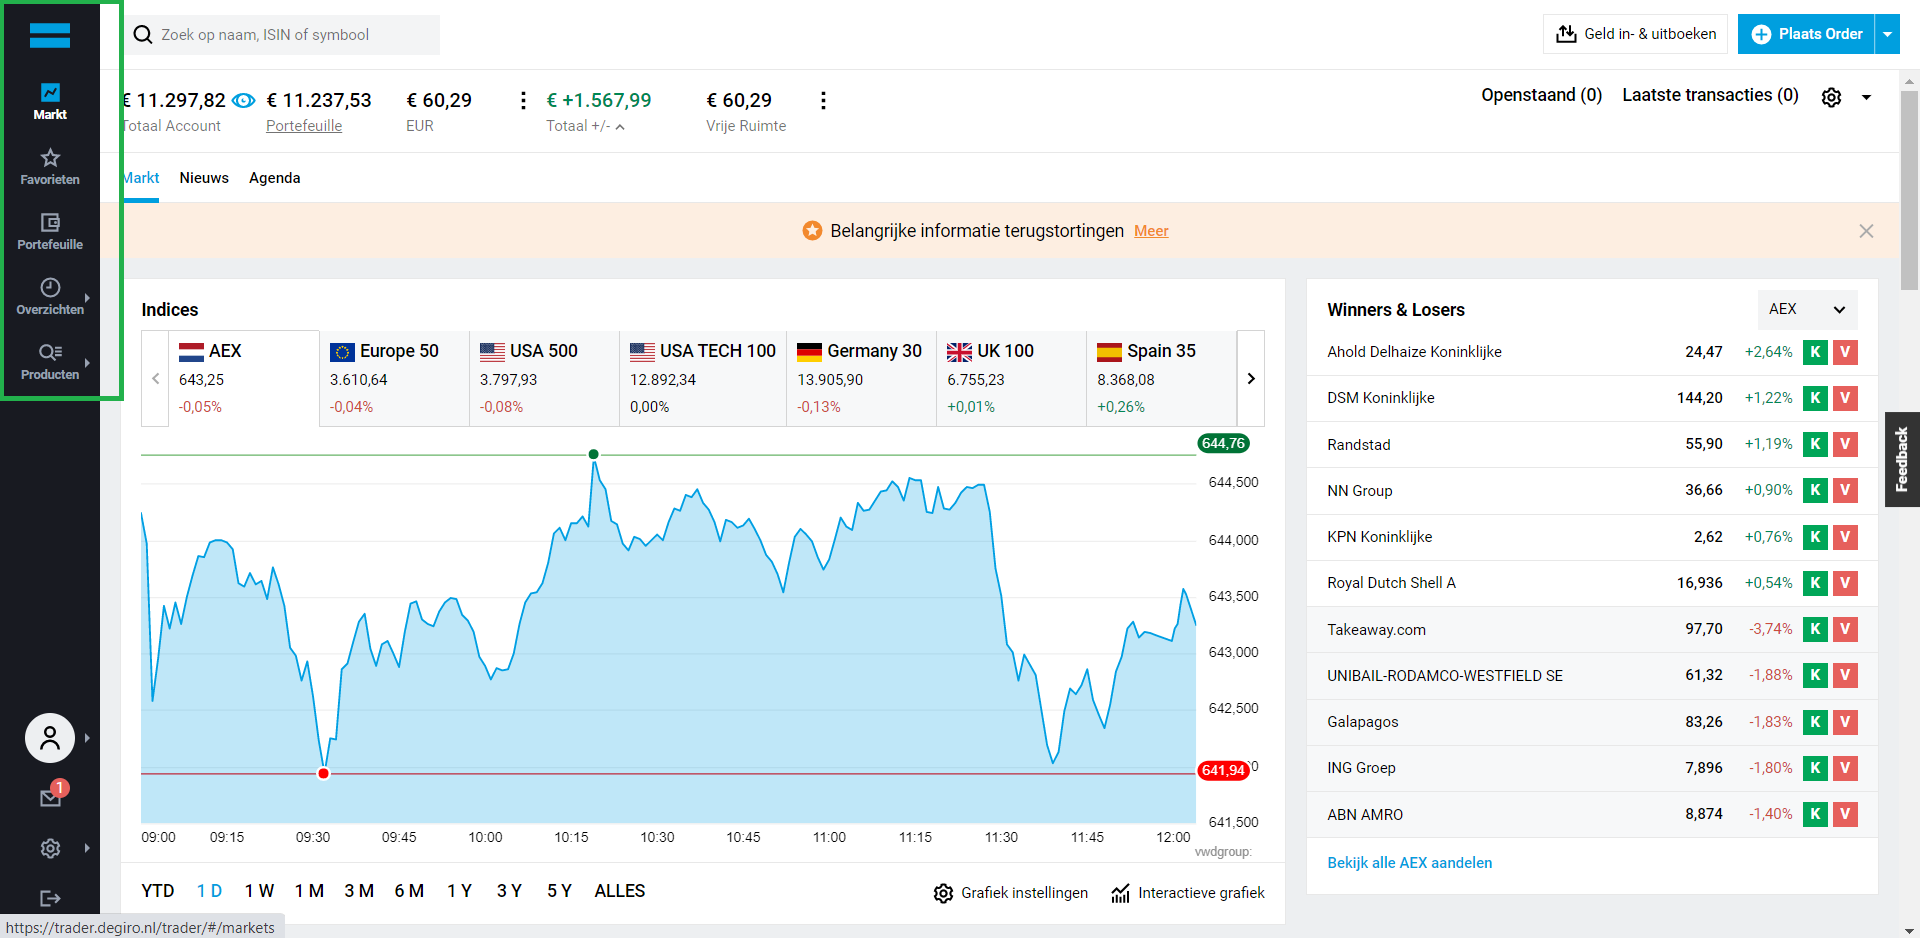 DEGIRO aandelen kopen